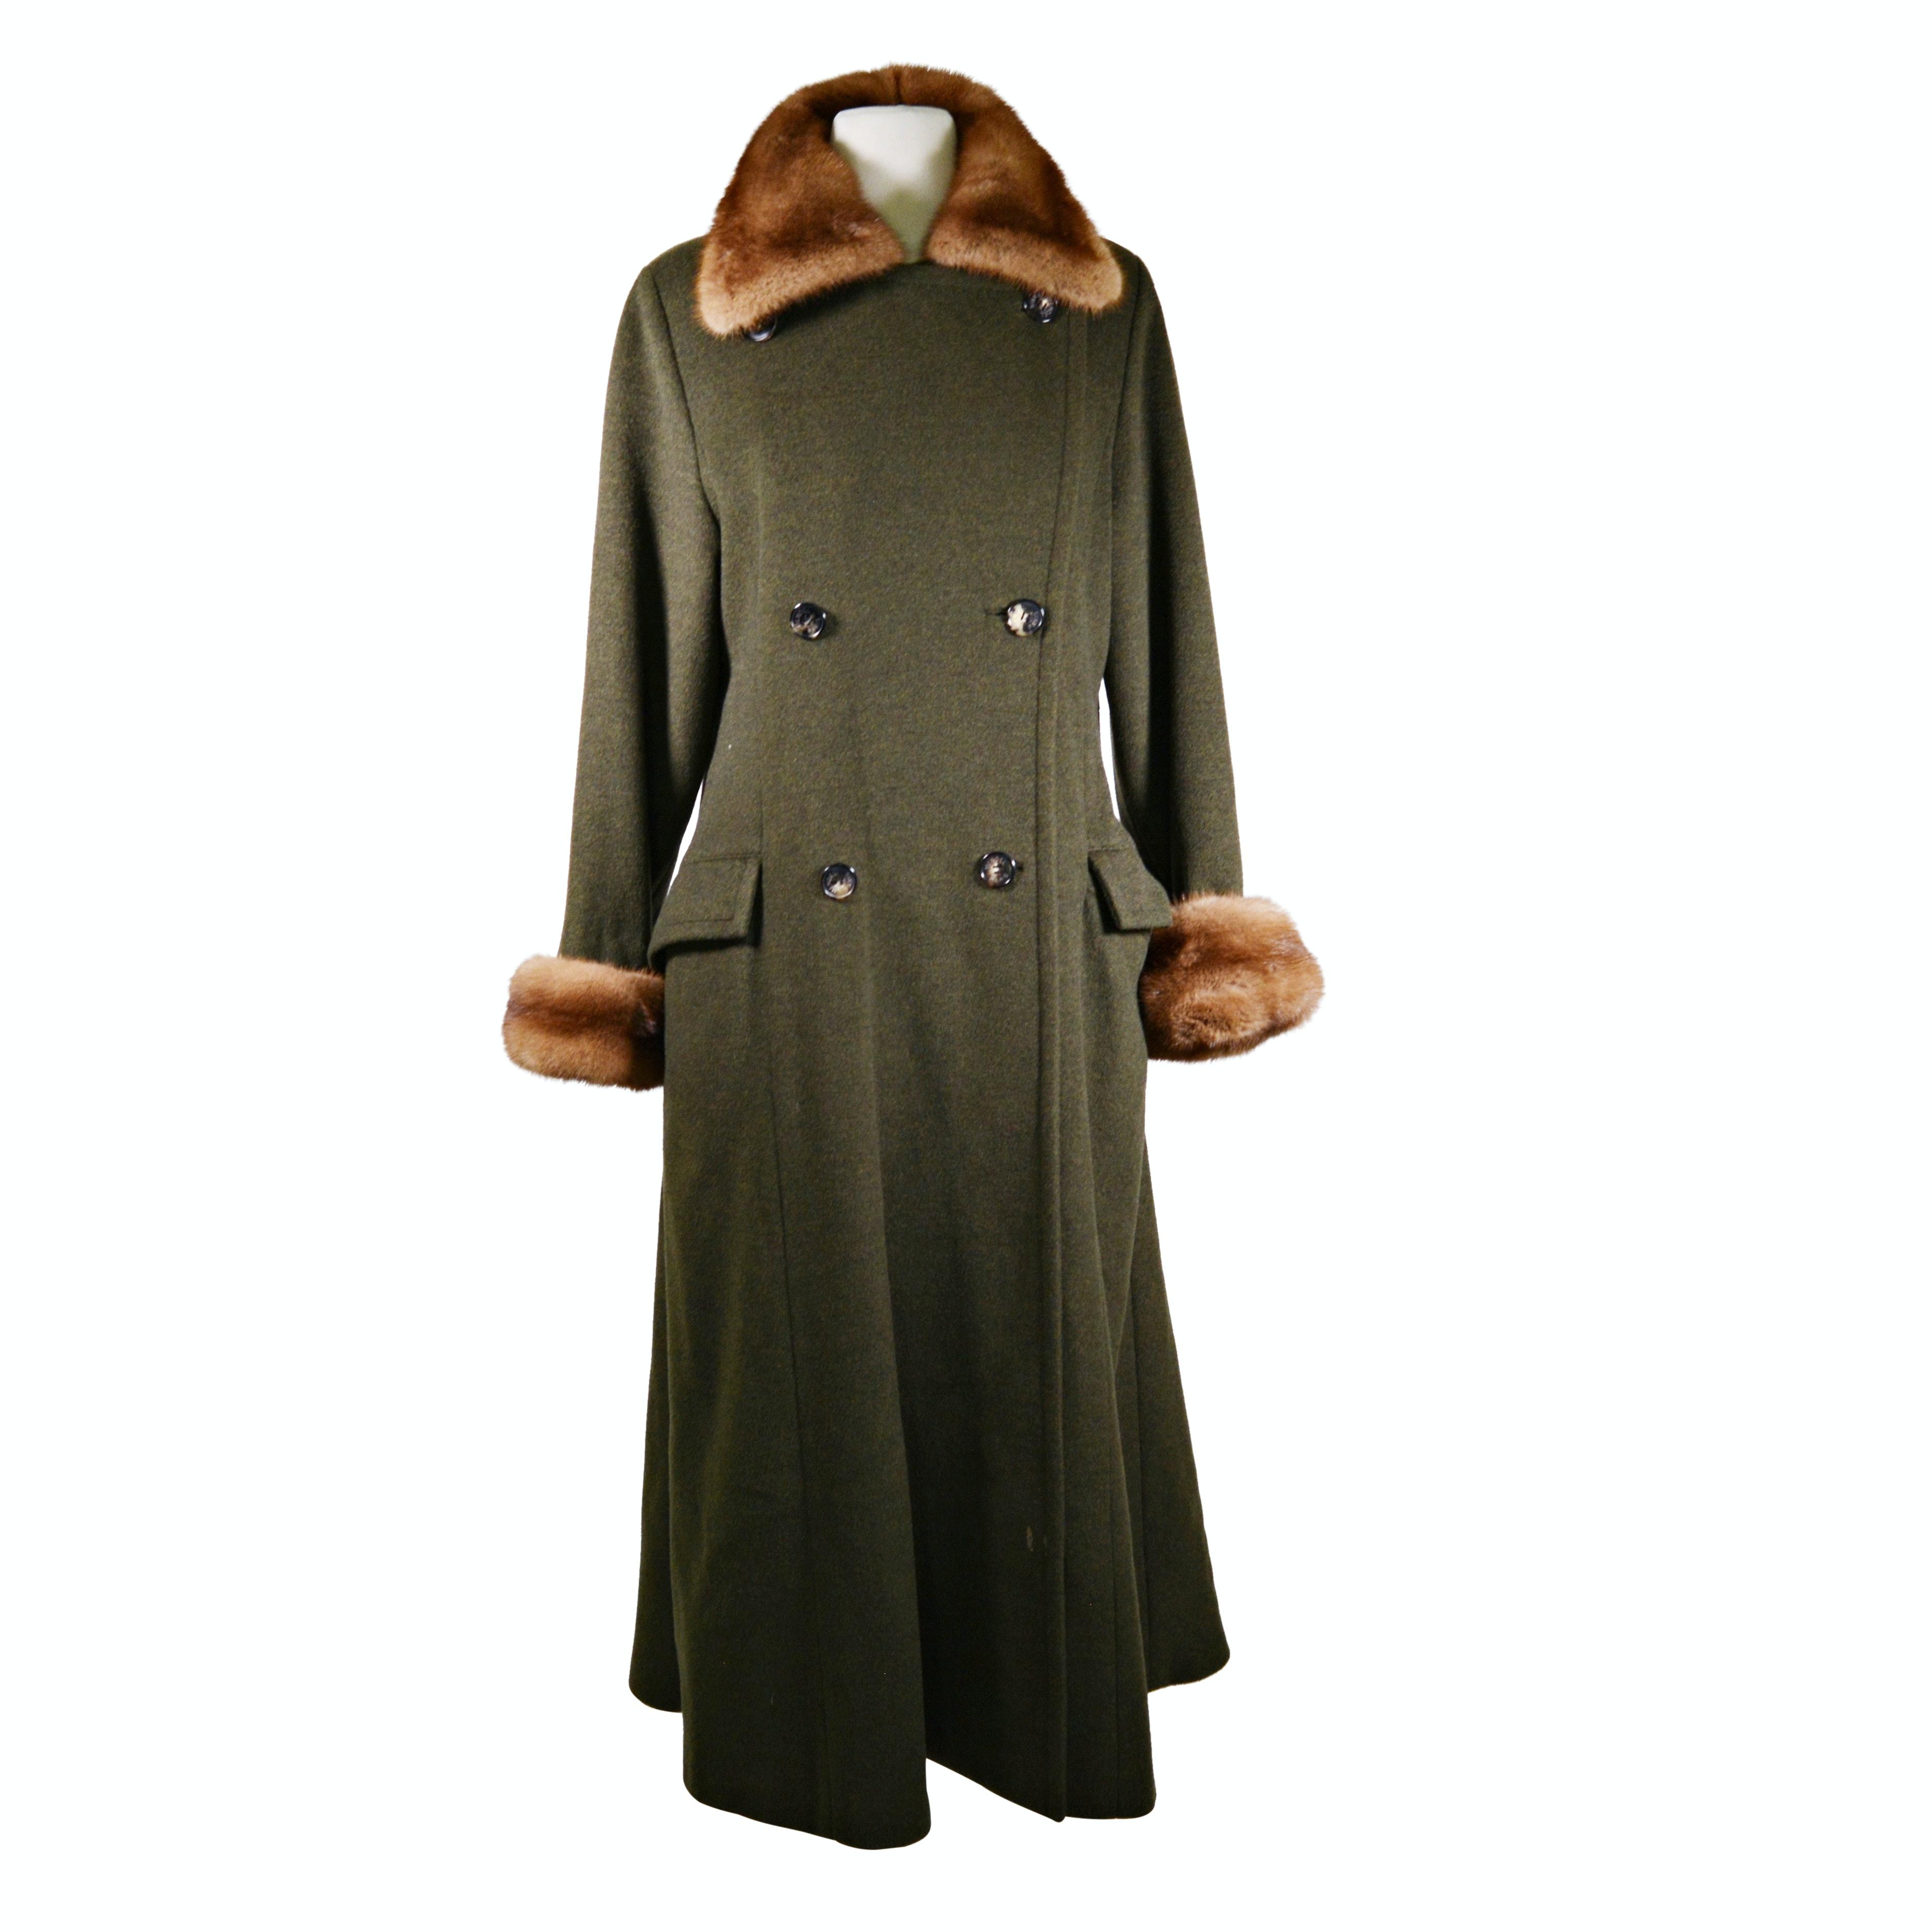 Women's J. Mendel Paris Blue Label Cashmere Dress Coat with Fur Collar